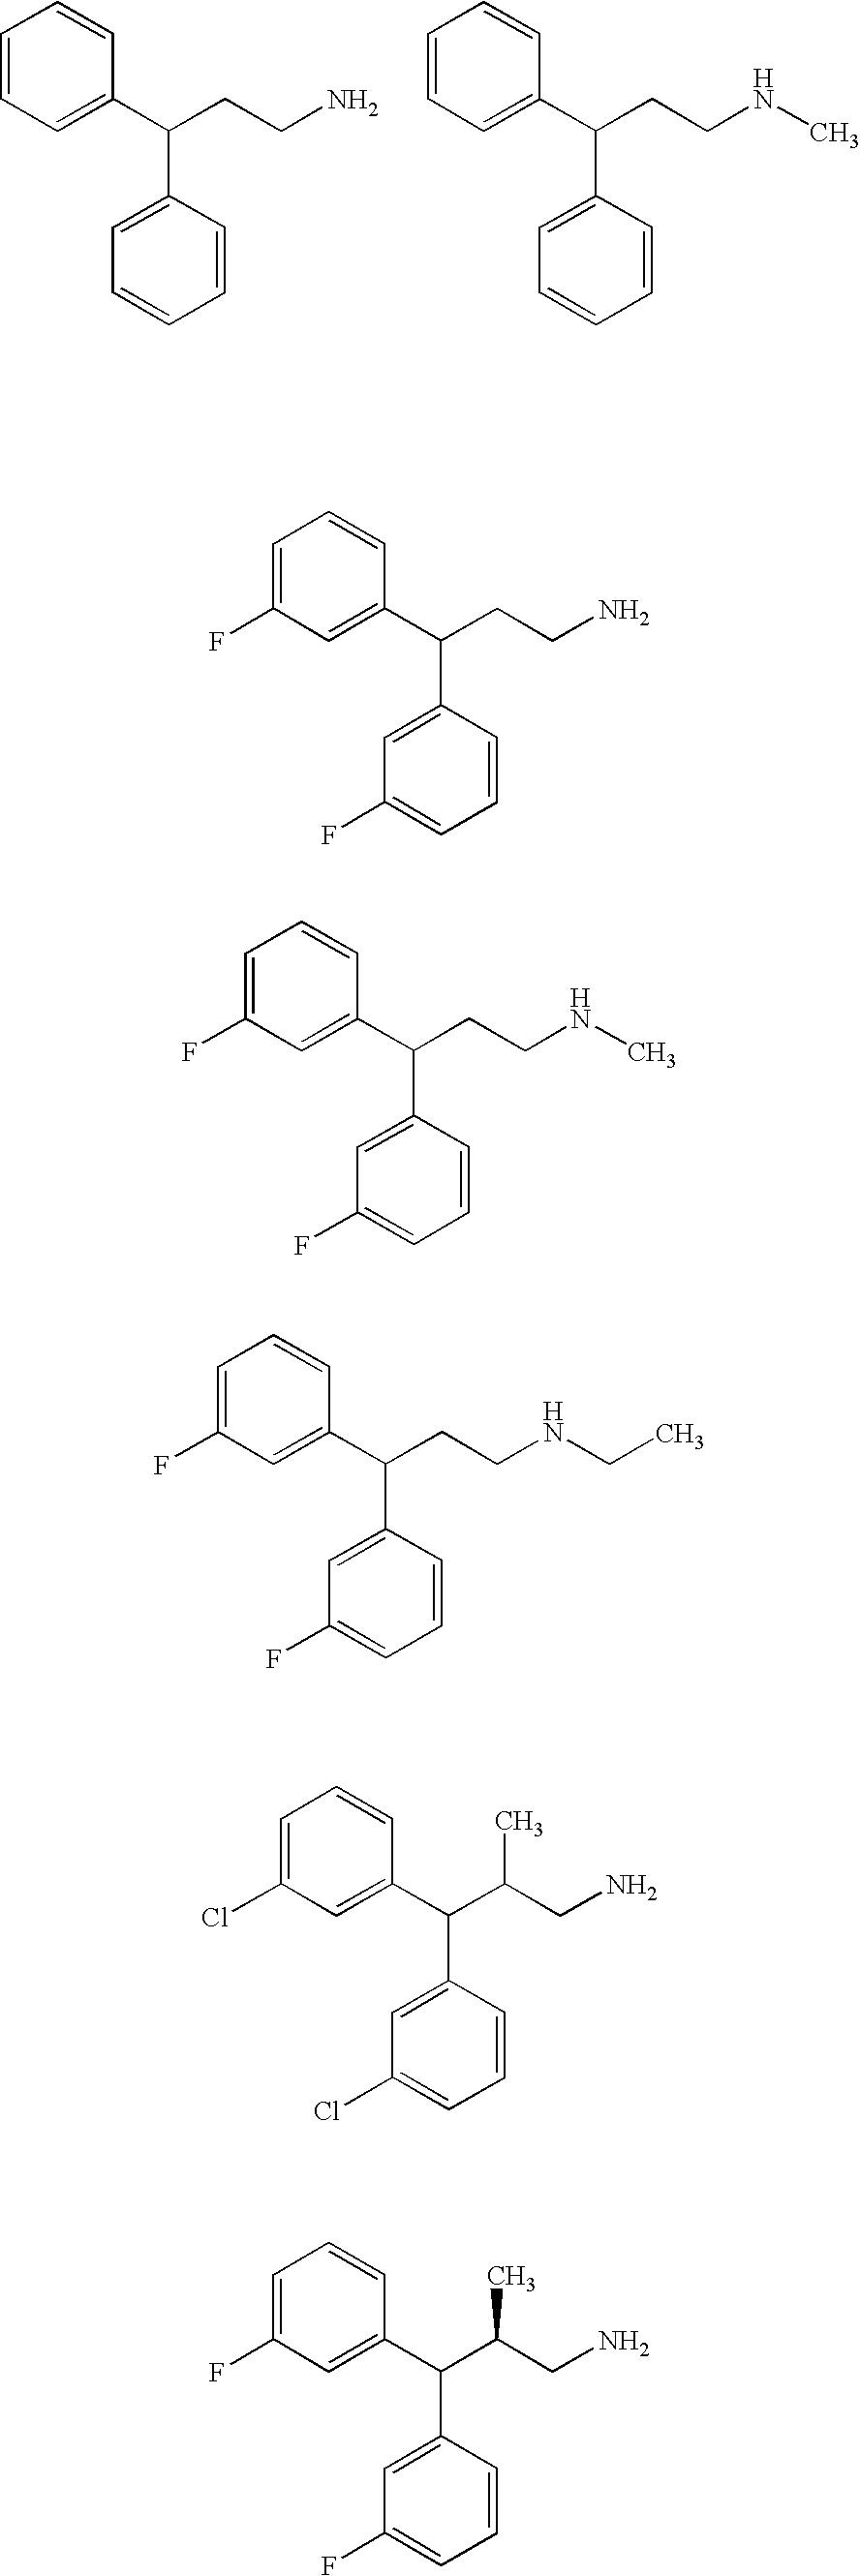 Figure US20050282859A1-20051222-C00028